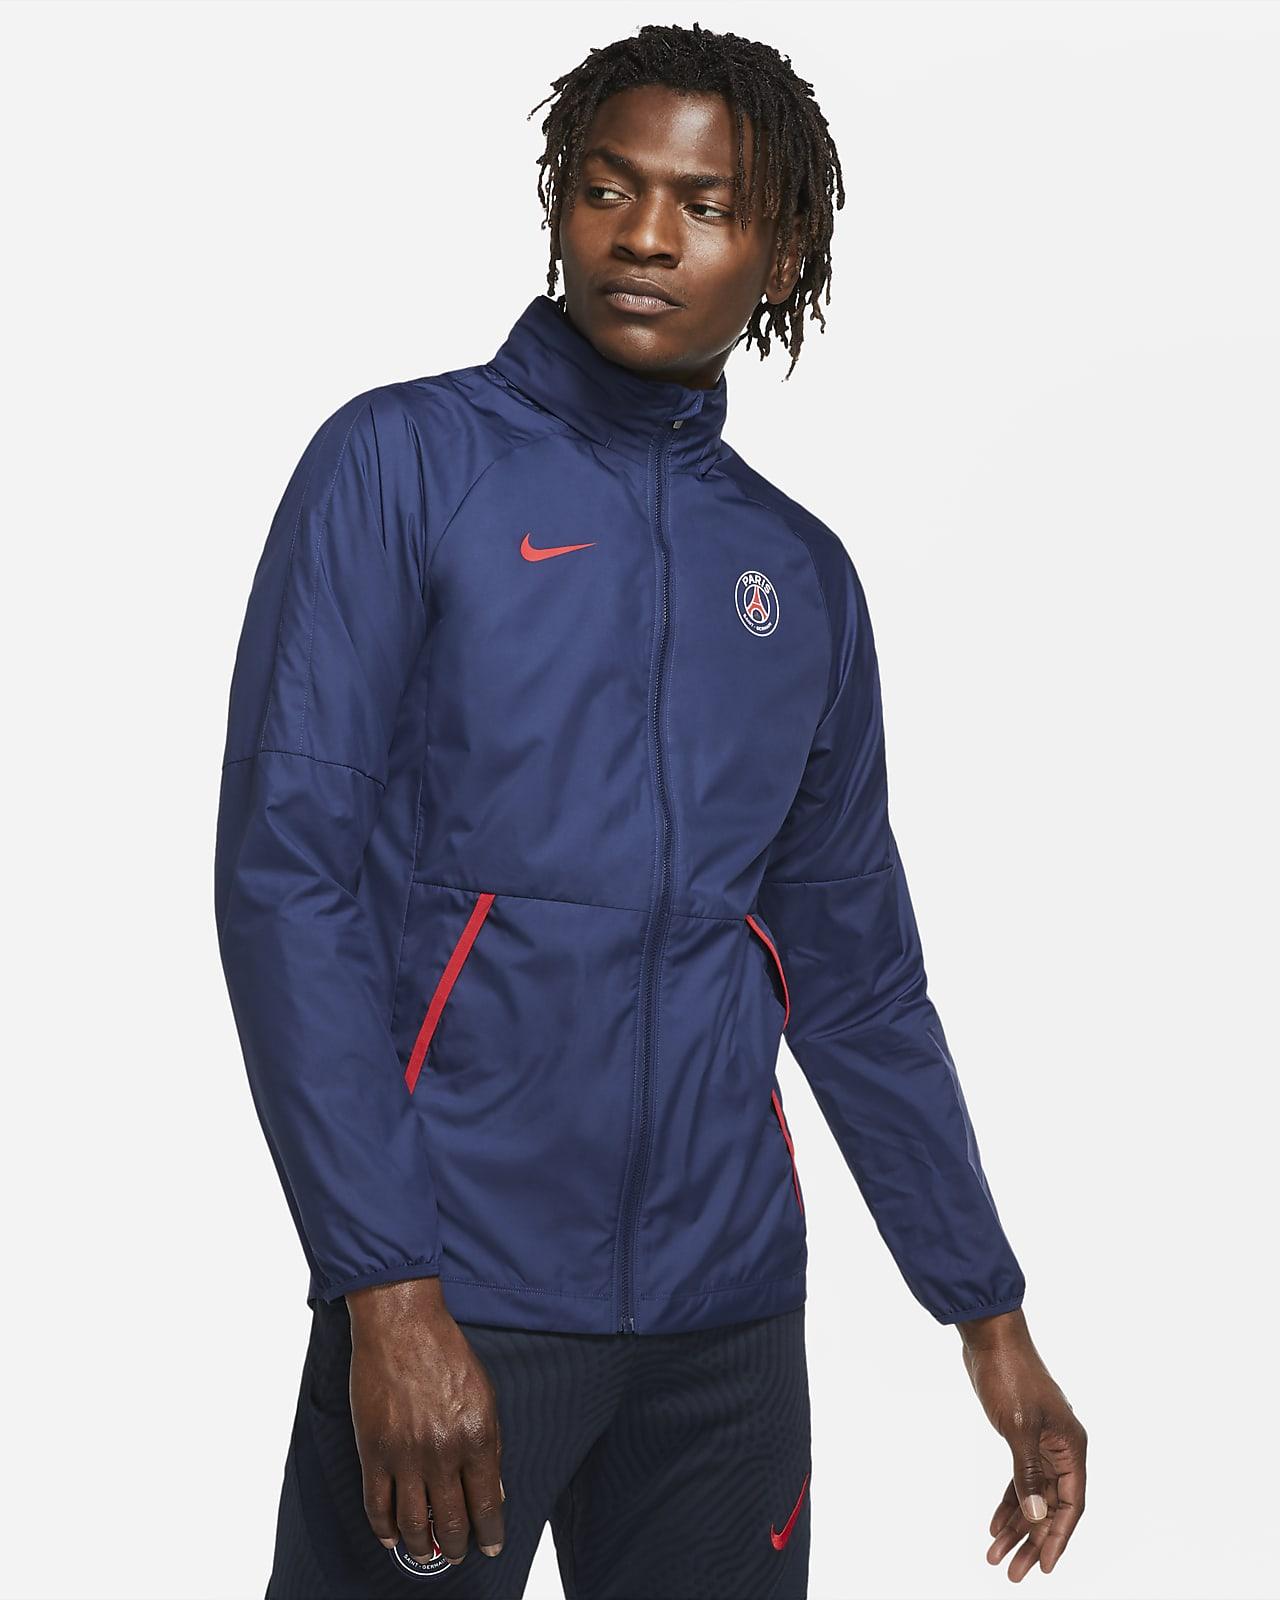 Chamarra de fútbol con estampado para hombre Paris Saint-Germain Repel